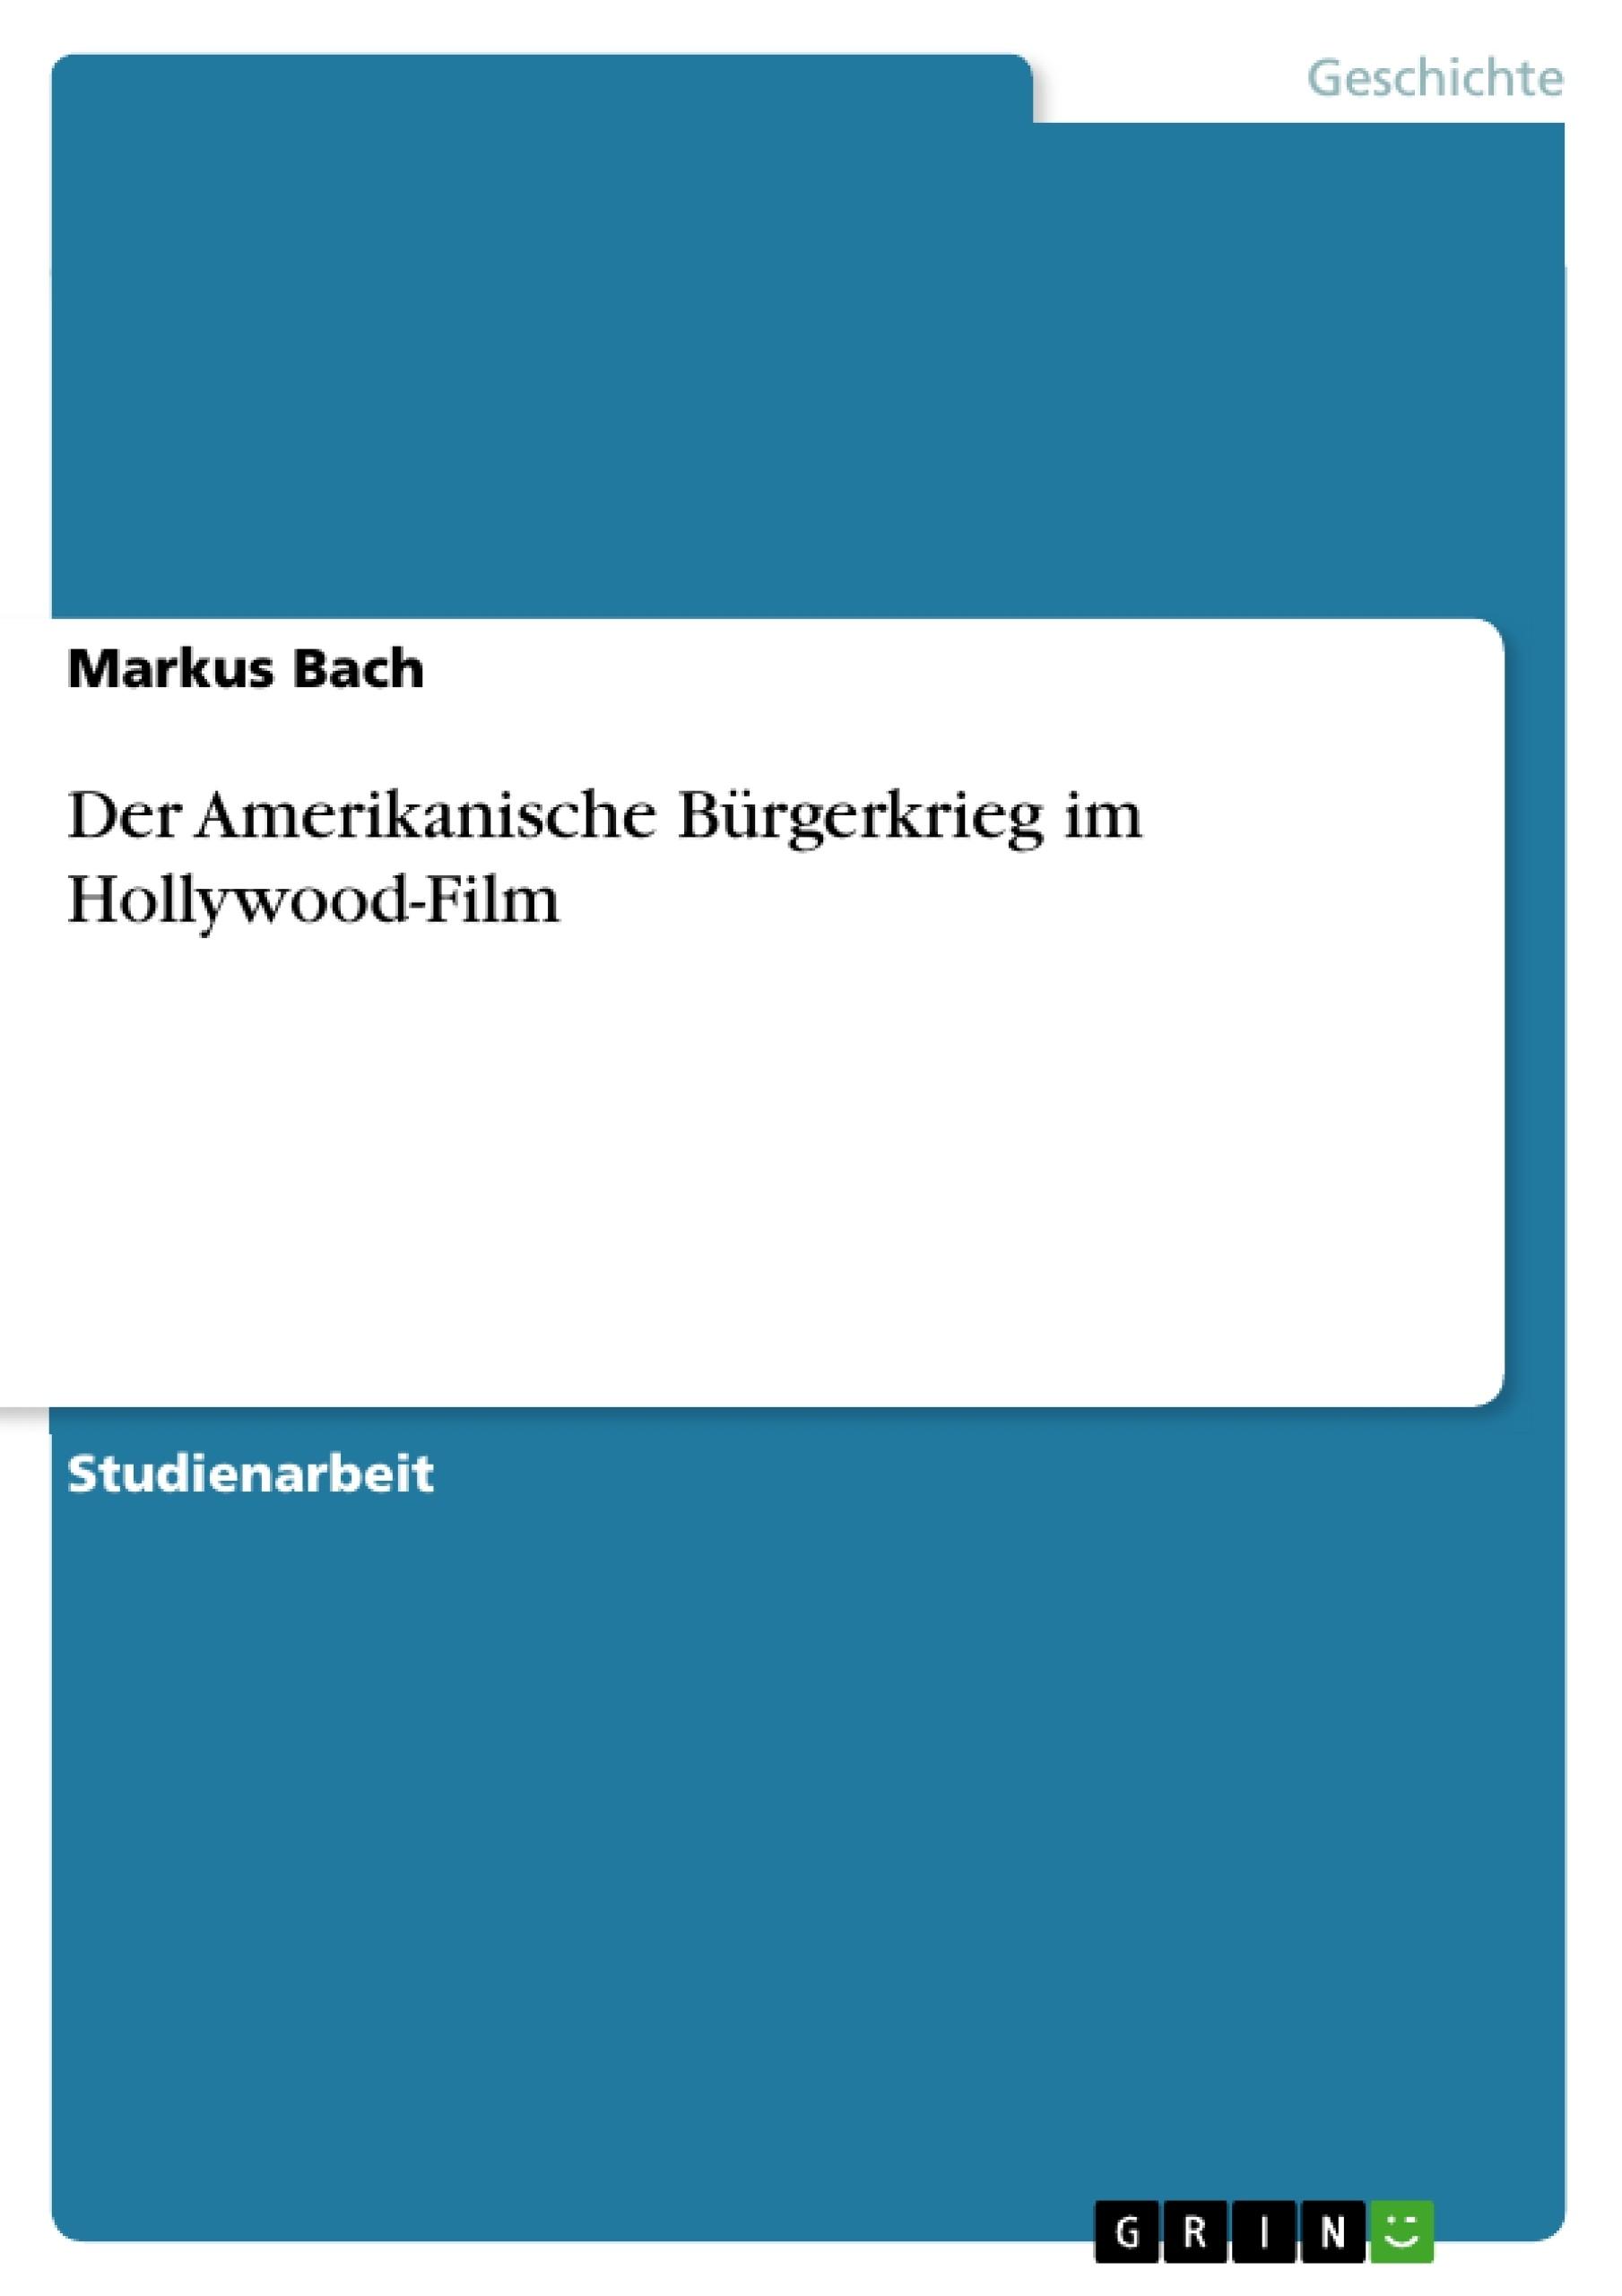 Titel: Der Amerikanische Bürgerkrieg im Hollywood-Film